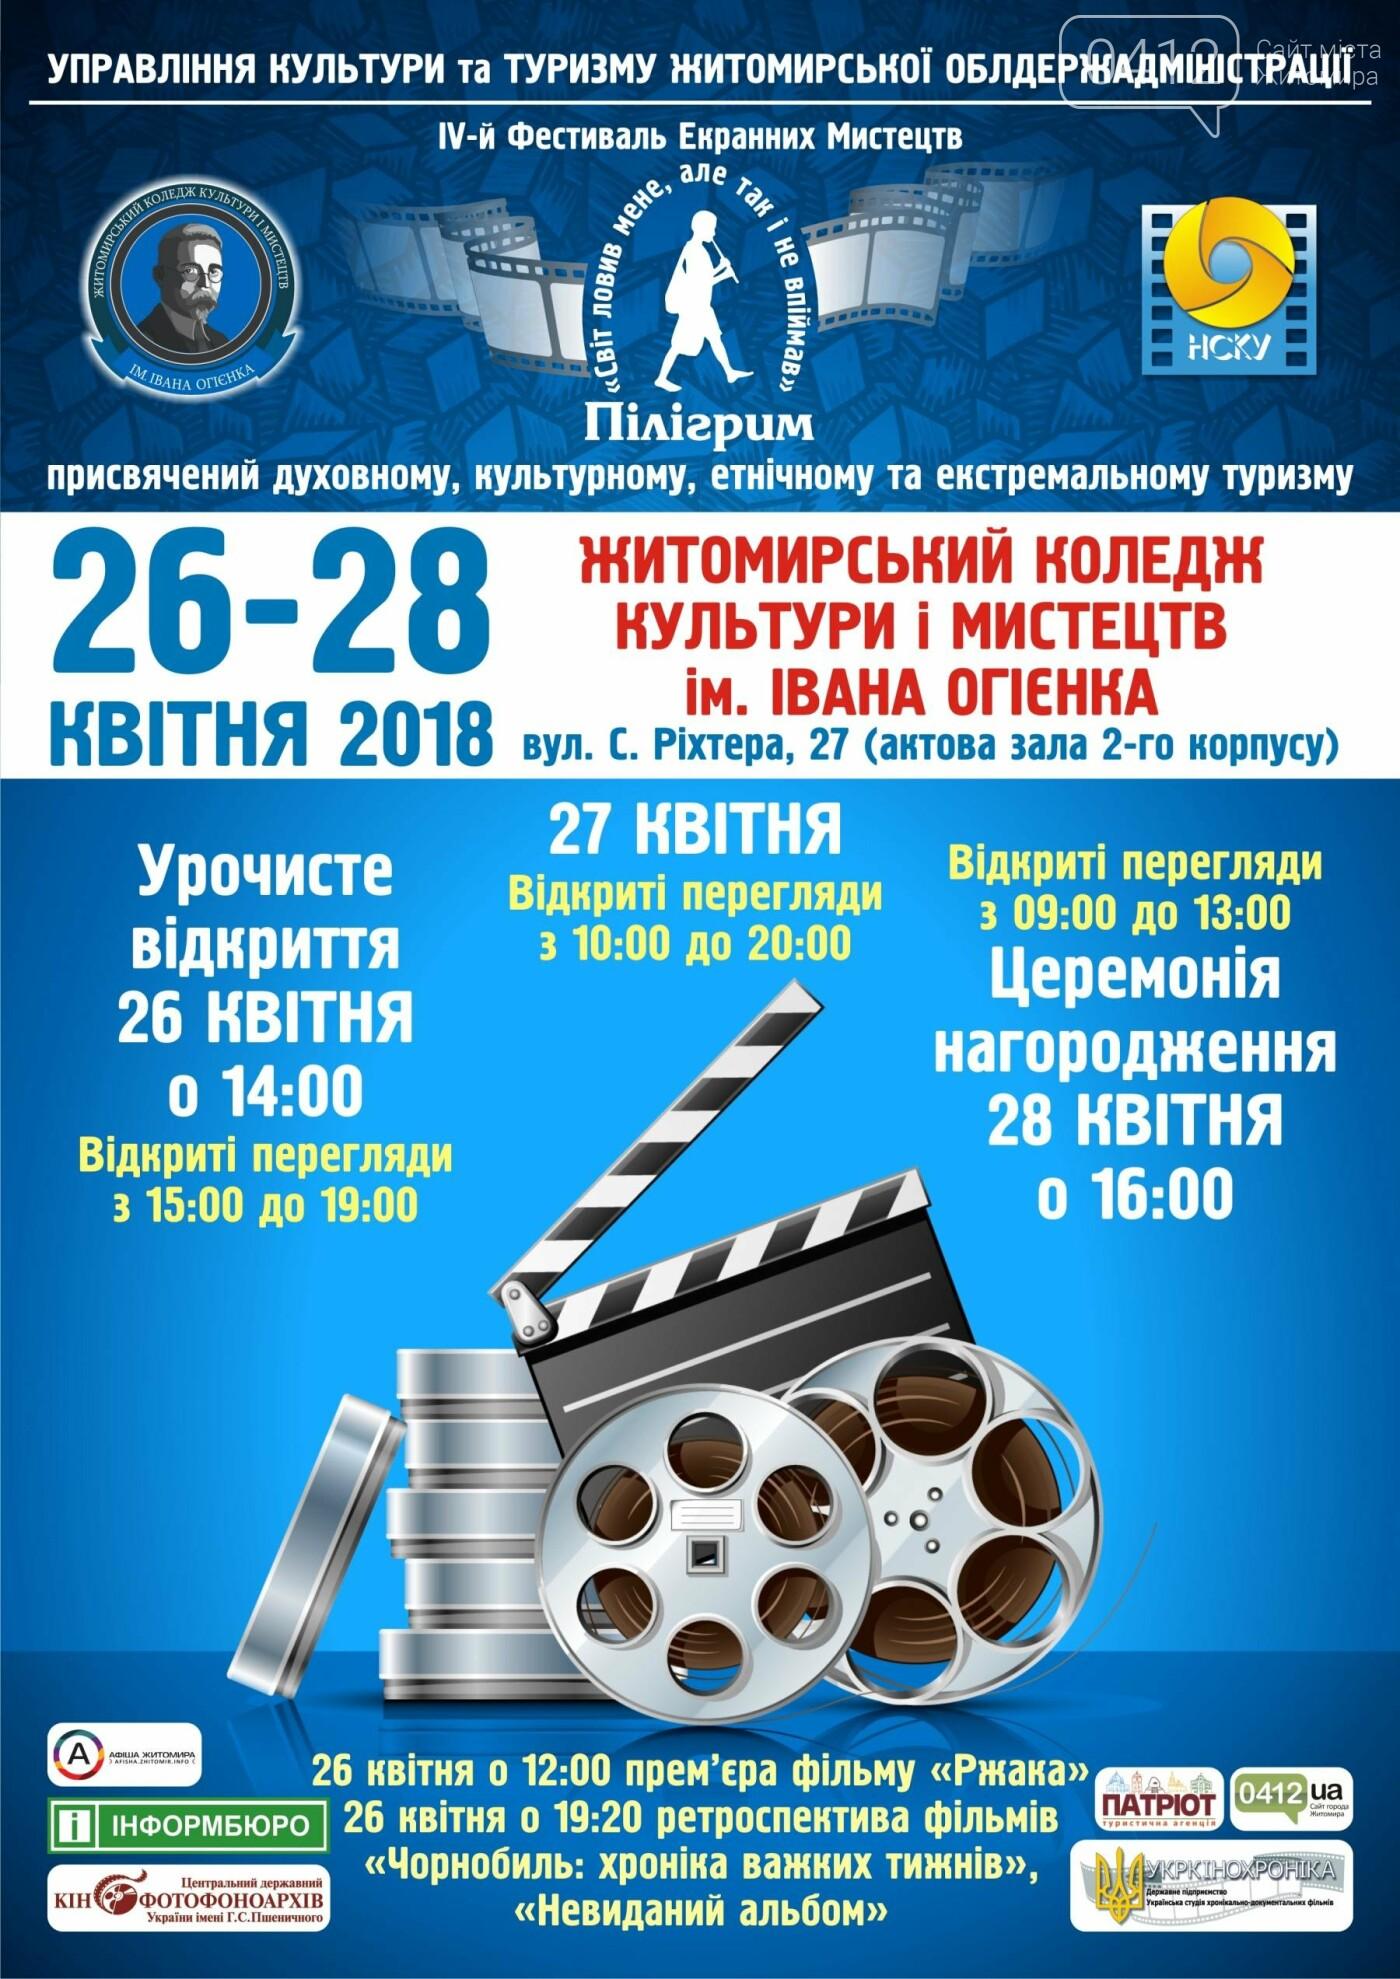 У Житомирі проведуть IV-ий Фестиваль екранних мистецтв «Пілігрим», фото-1